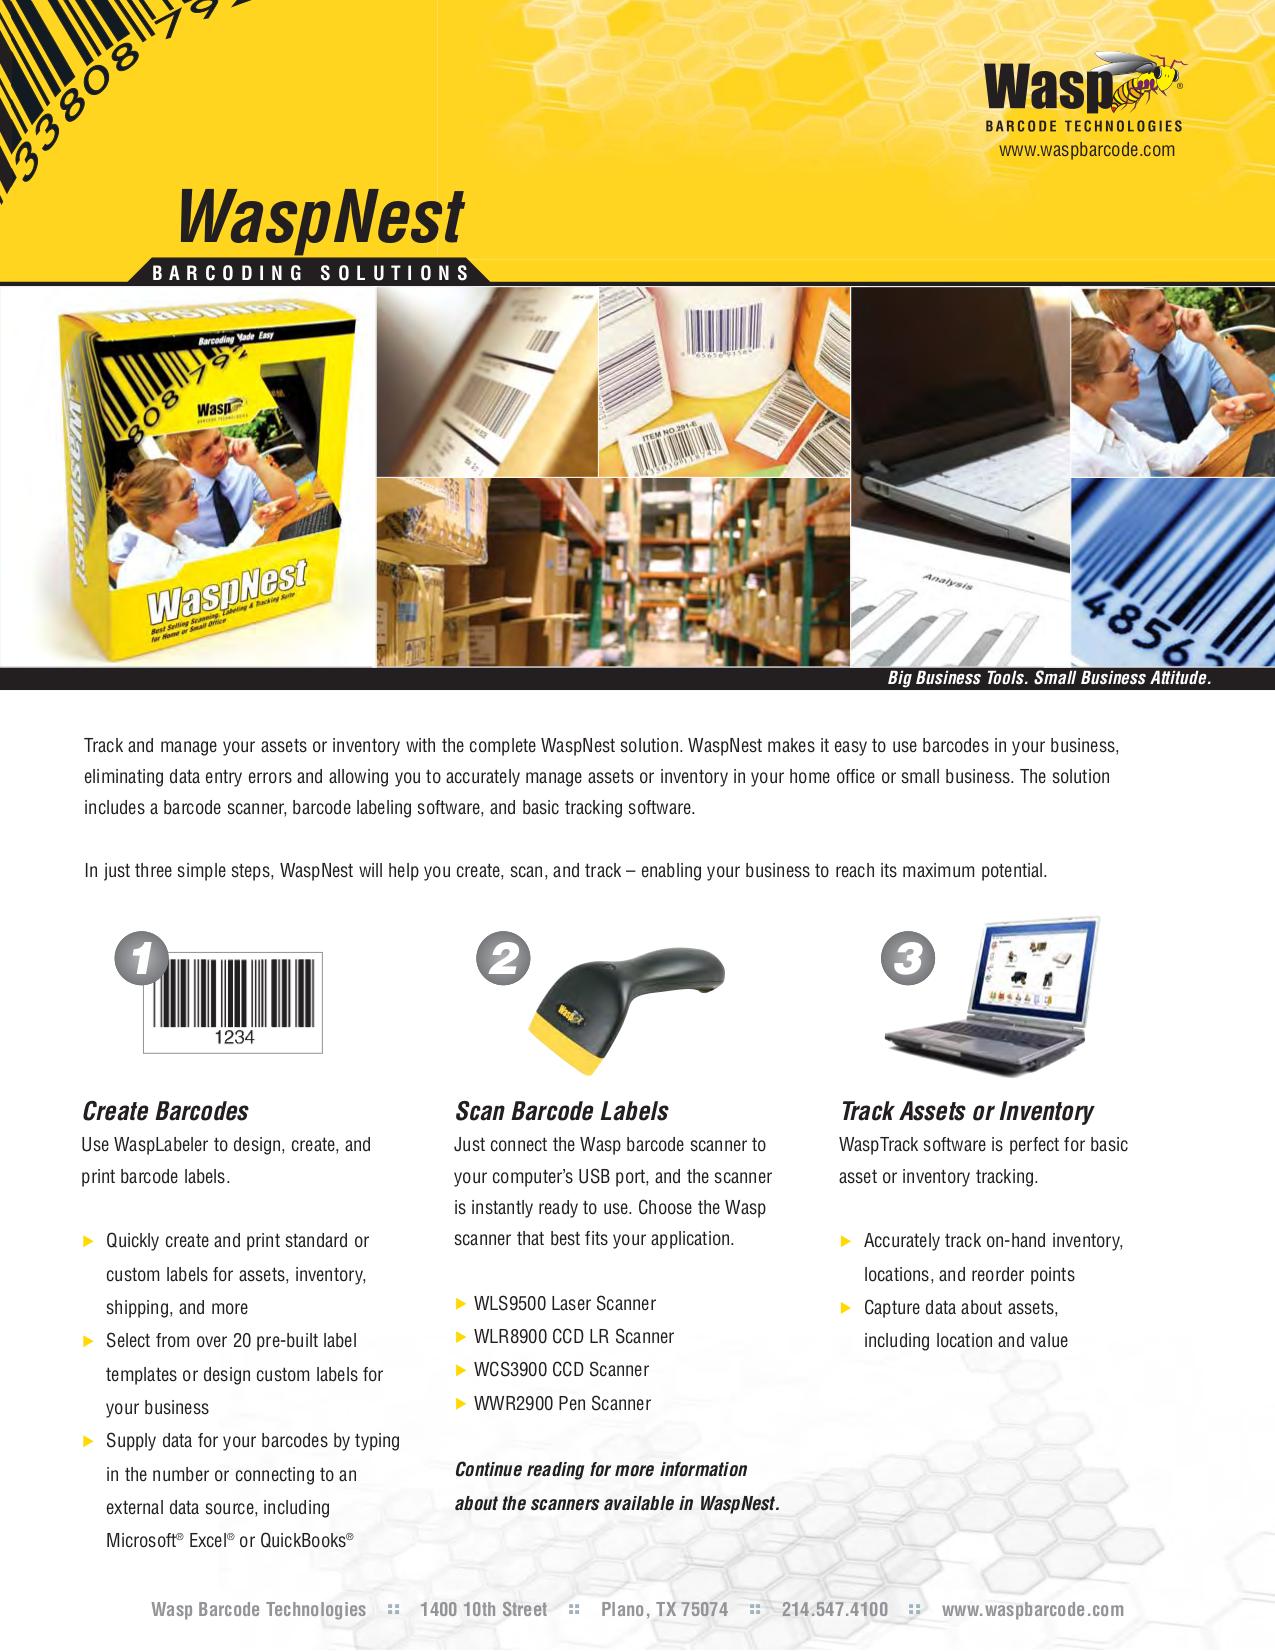 pdf for Wasp Scanner WLR8900 manual